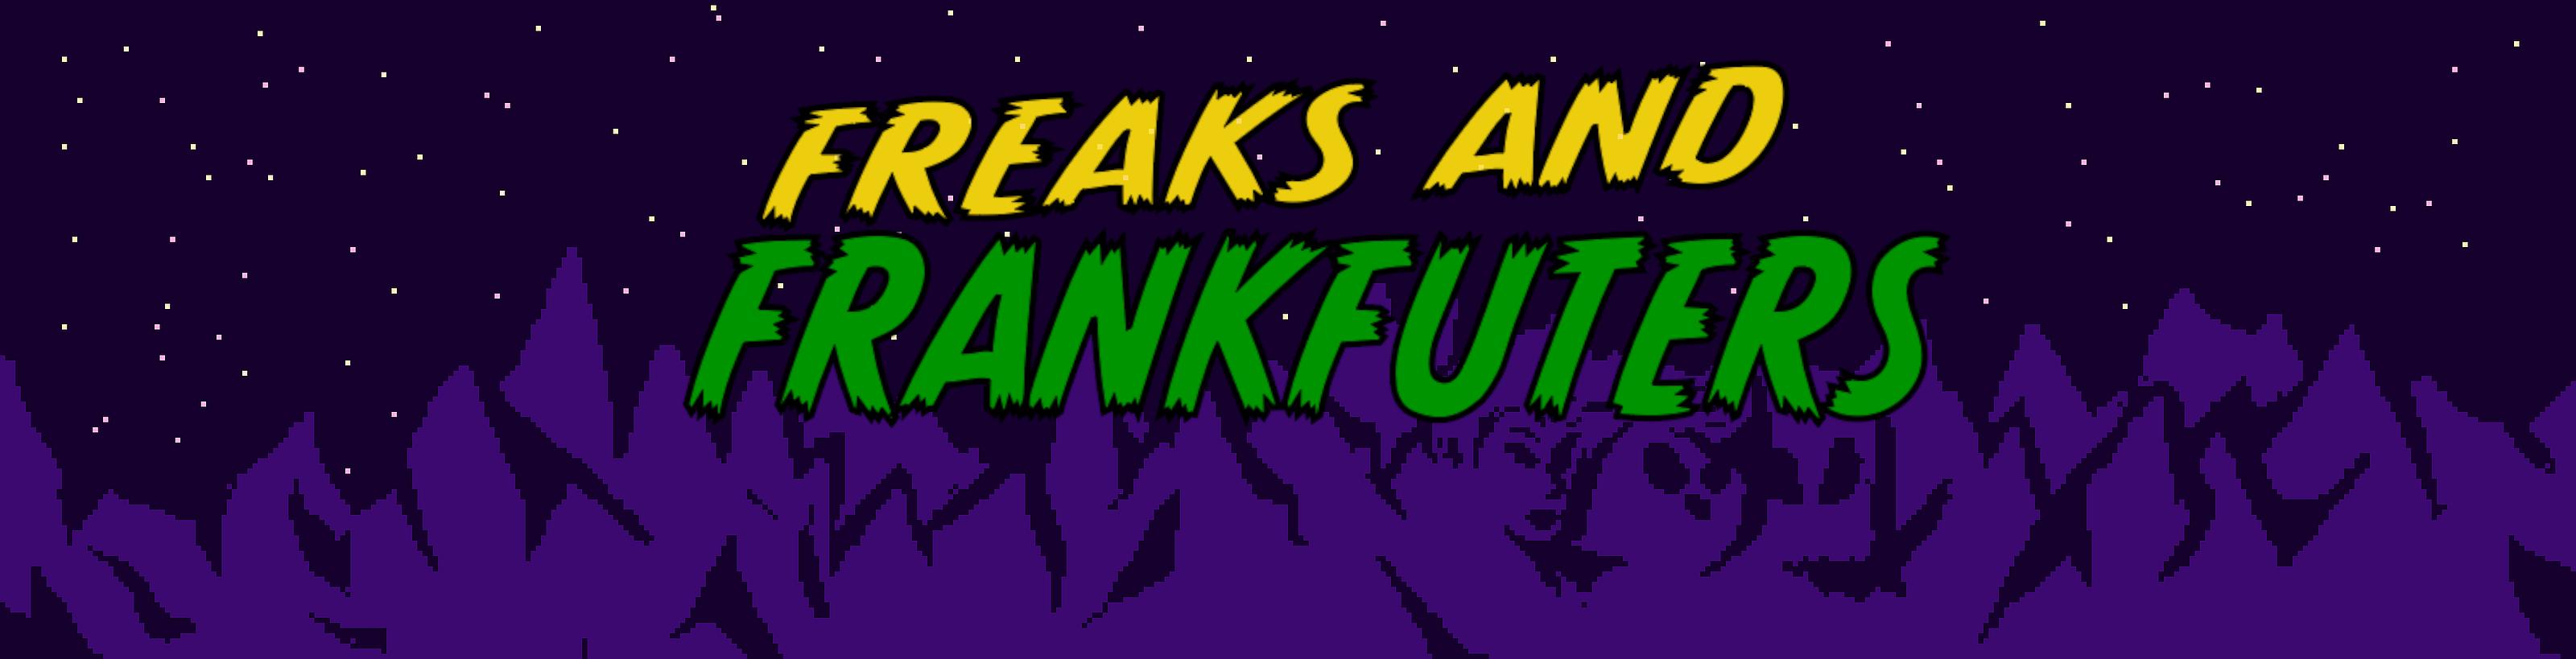 Freaks & Frankfurters v1.1